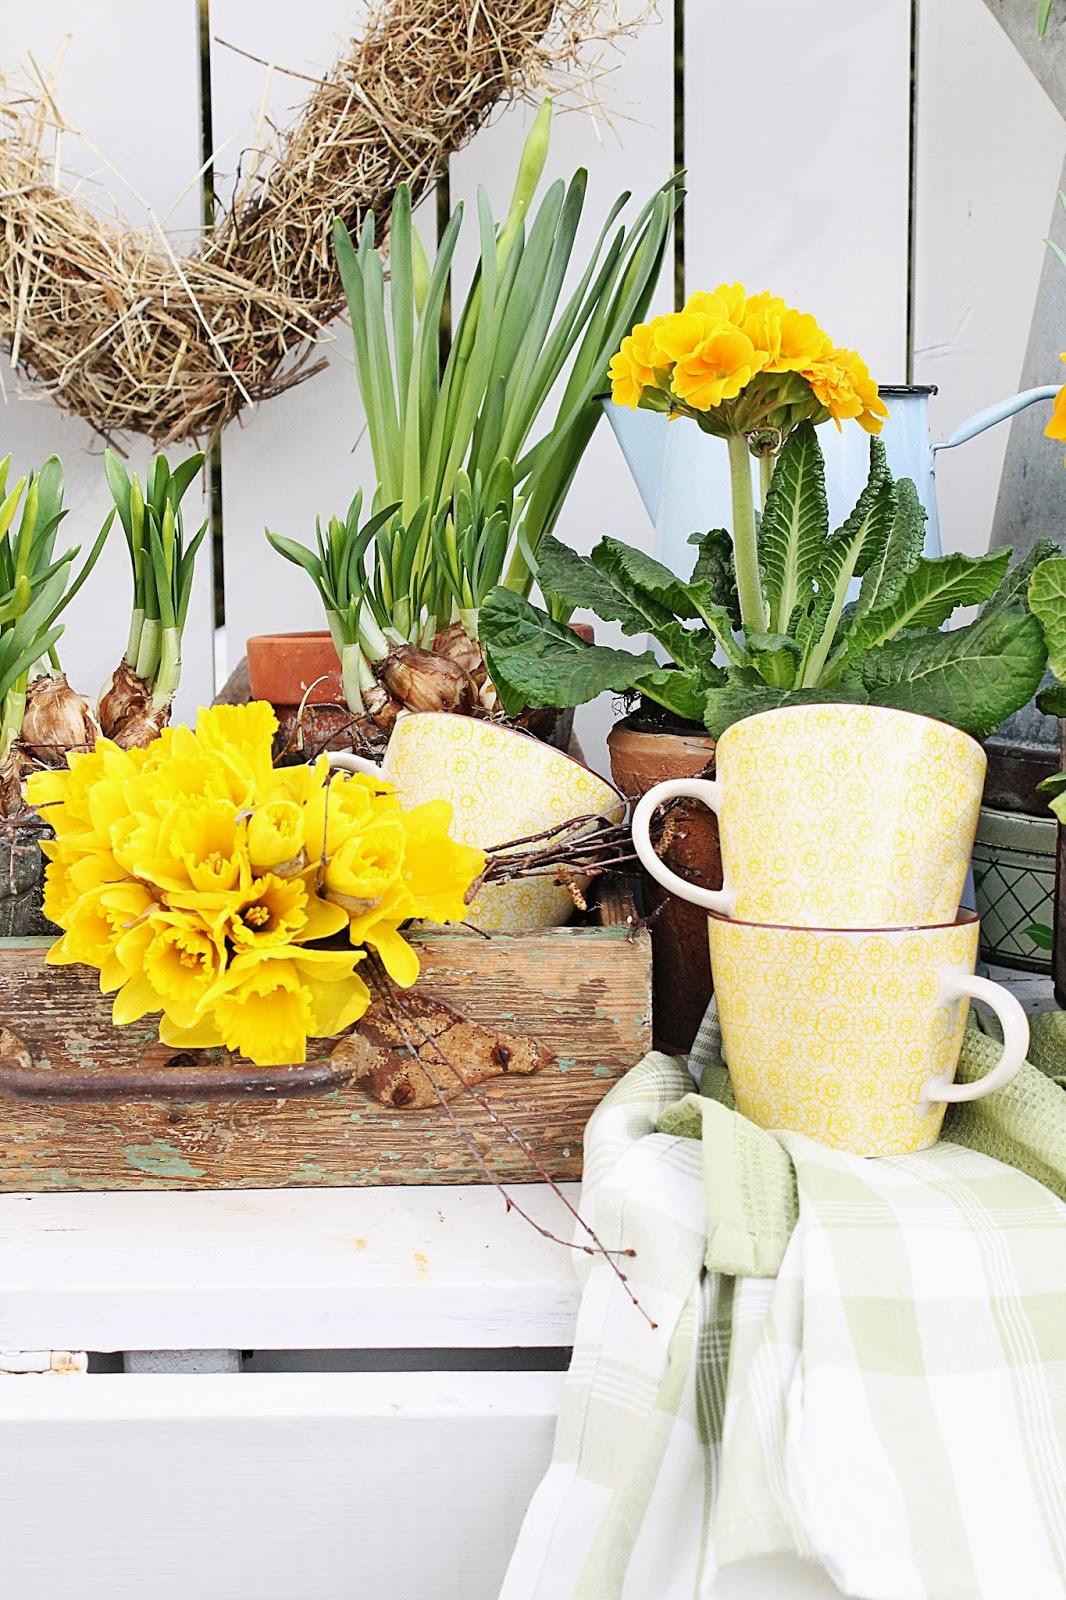 dekor/vesennie-cvety-k-pashe-foto-5.jpg